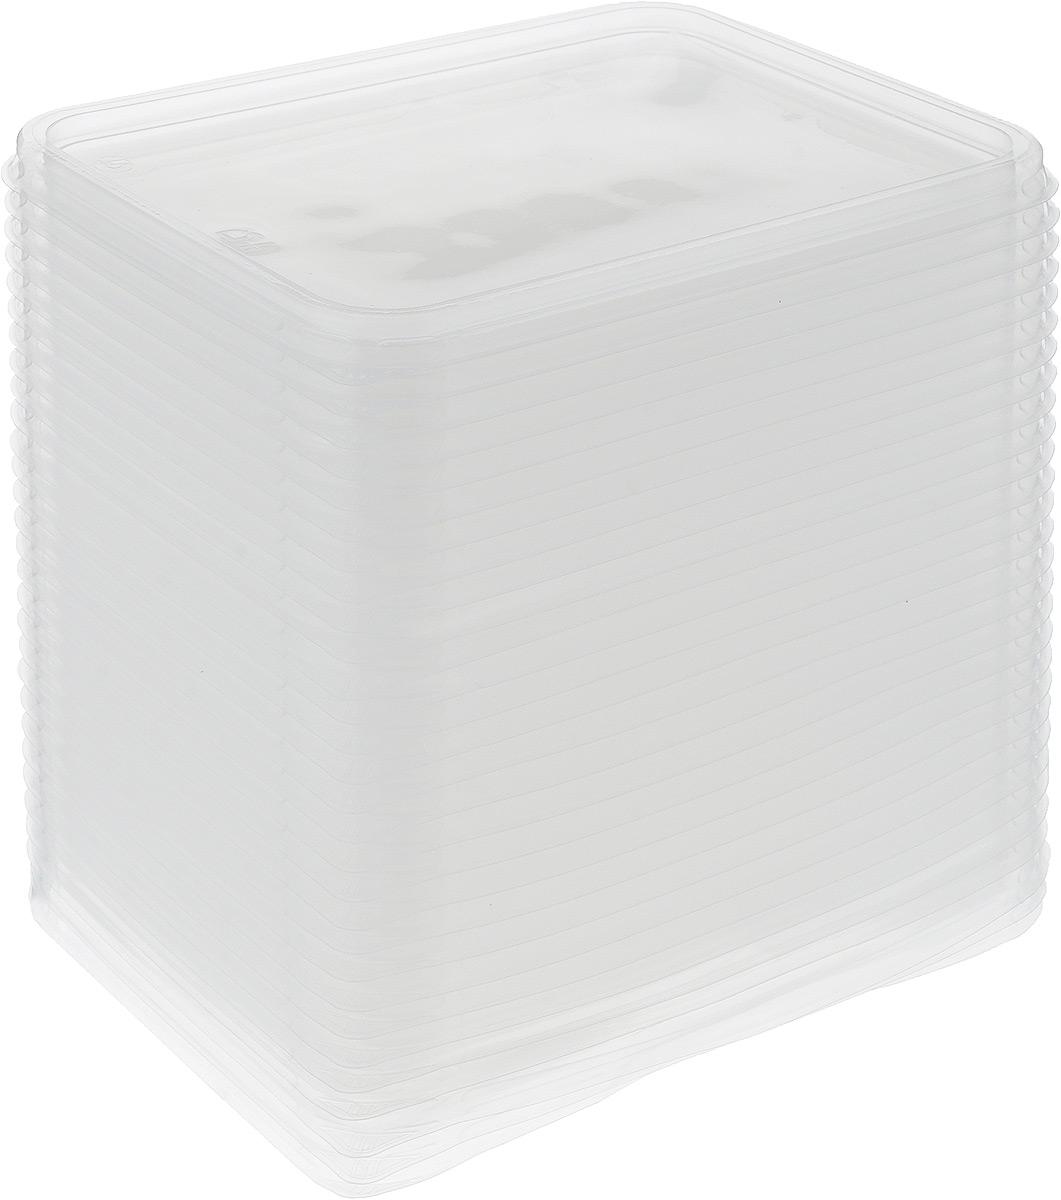 Крышка одноразовая Протэк, с носиком, цвет: черный, диаметр 9 см, 100 шт. ПОС28978ПОС28978